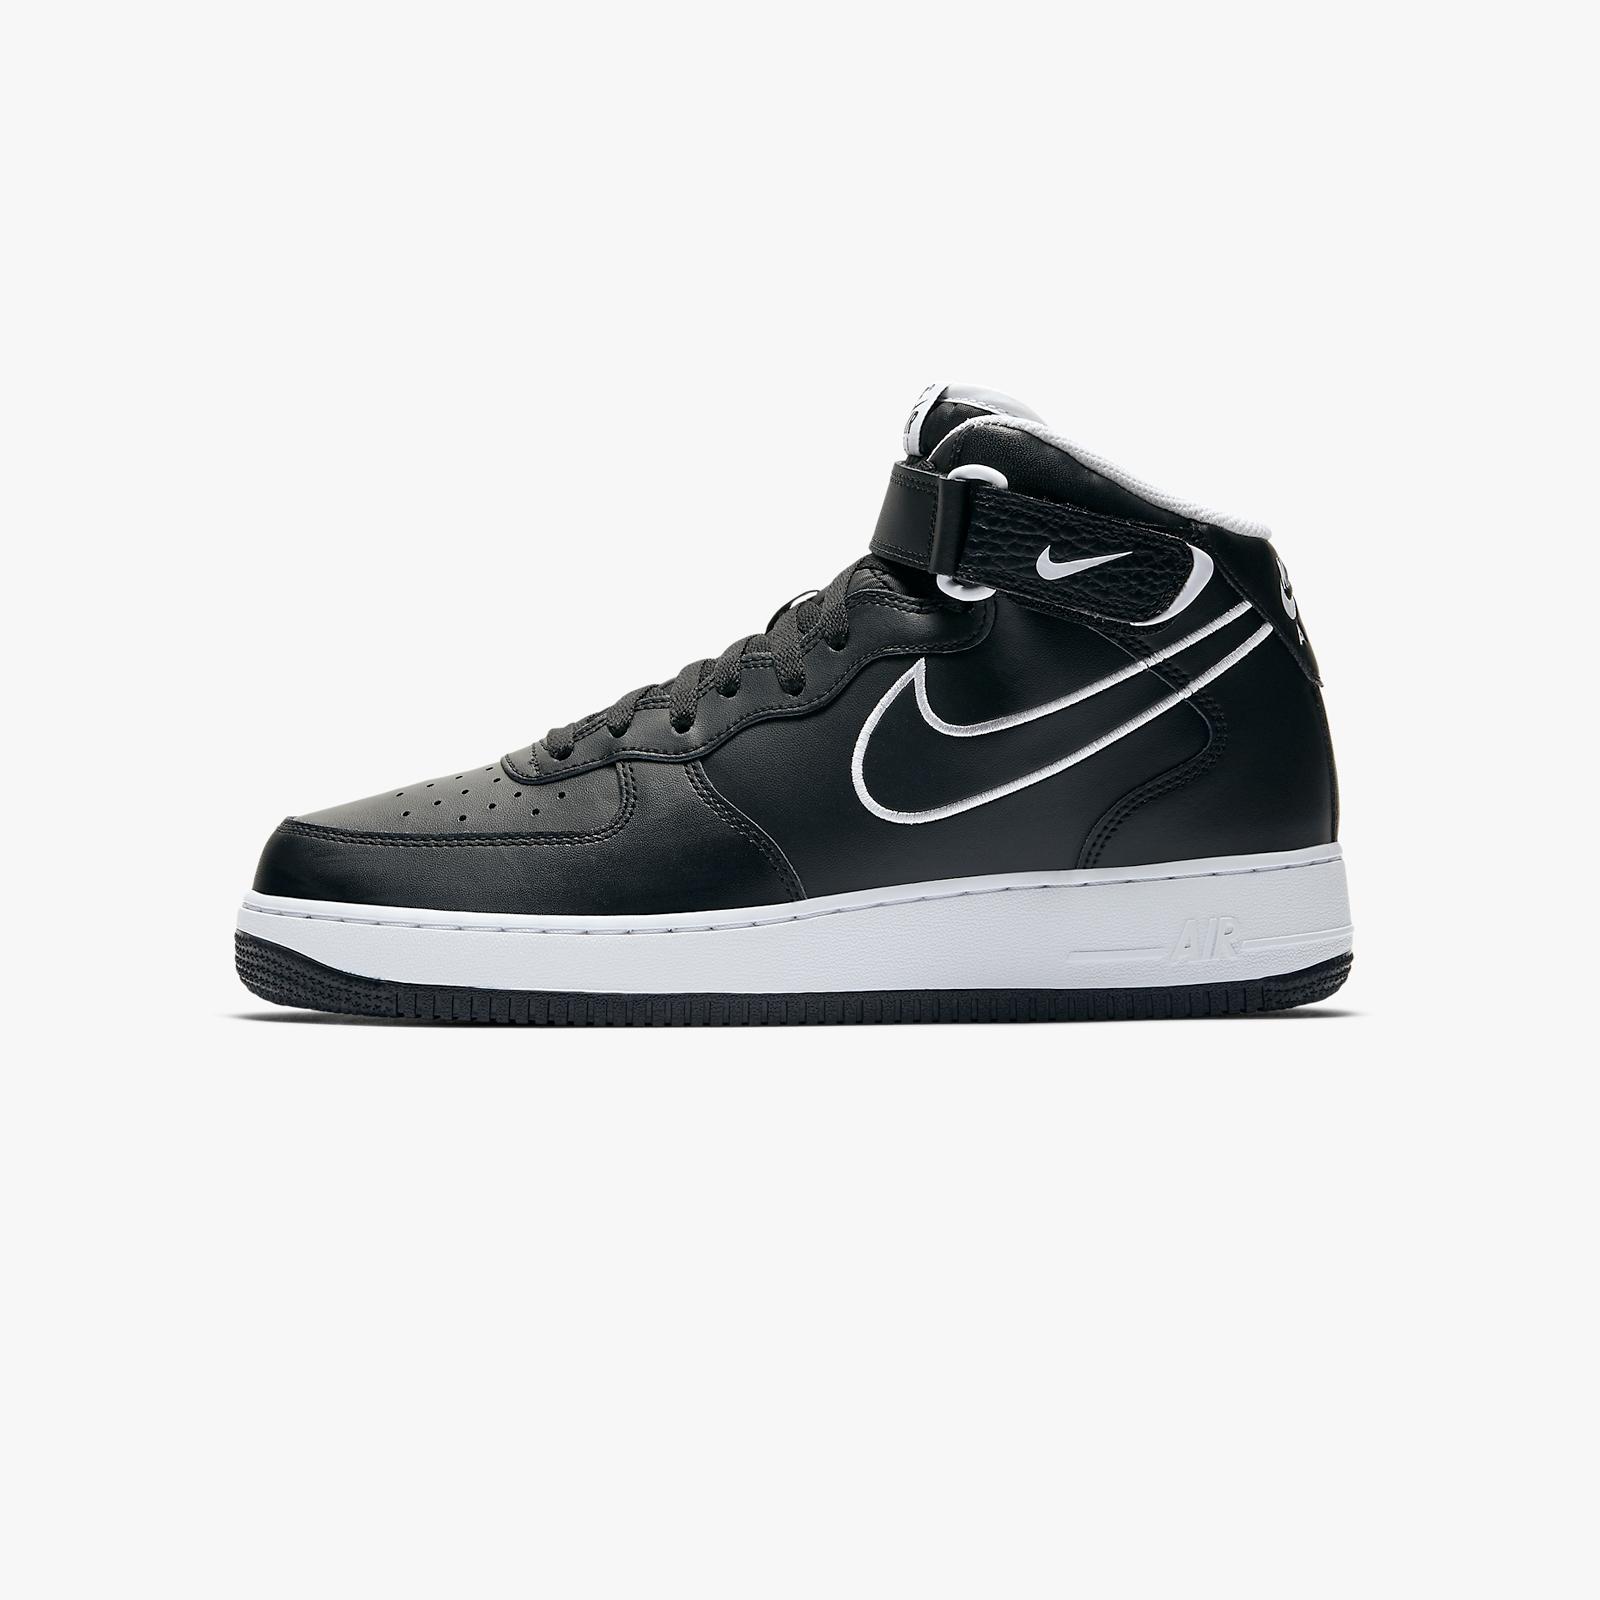 best loved 644e8 34f2a Nike Air Force 1 Mid 07 - Aq8650-001 - Sneakersnstuff   sneakers    streetwear online since 1999